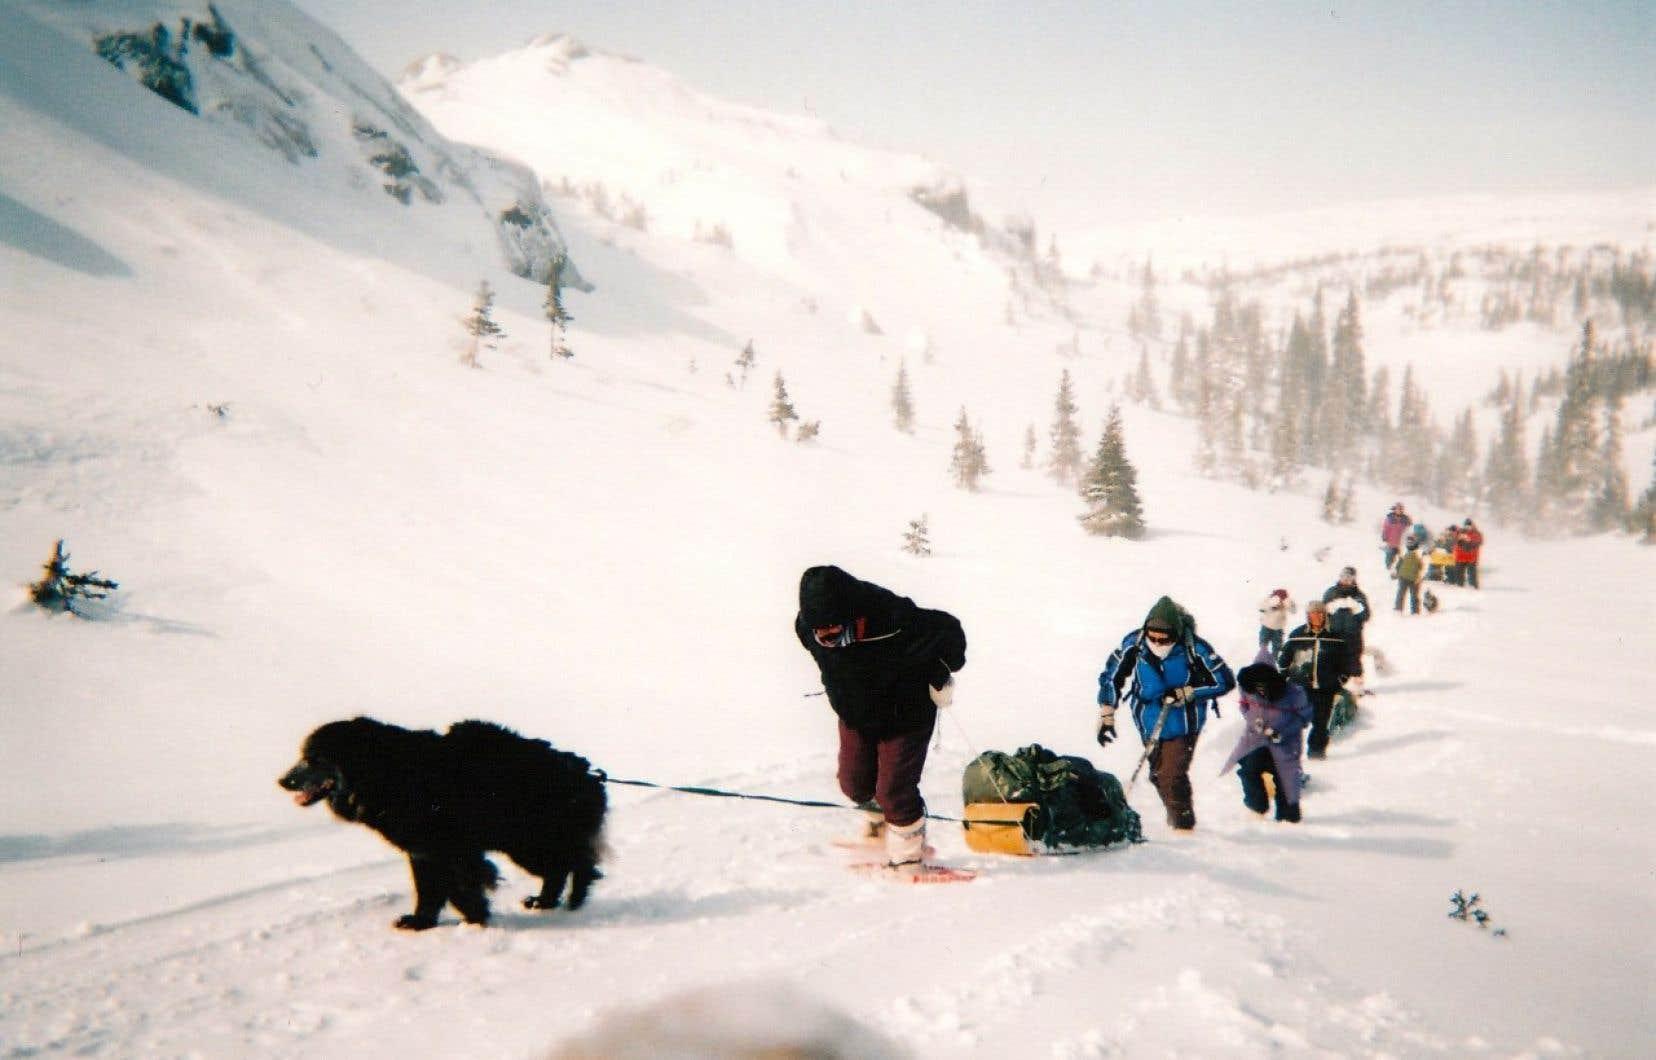 Chaque printemps, Elizabeth Penashue entreprend un périple sur les Mealy, terre sacrée pour les Innus et les Inuits. Elle ouvre la marche, suivie de membres de sa famille.